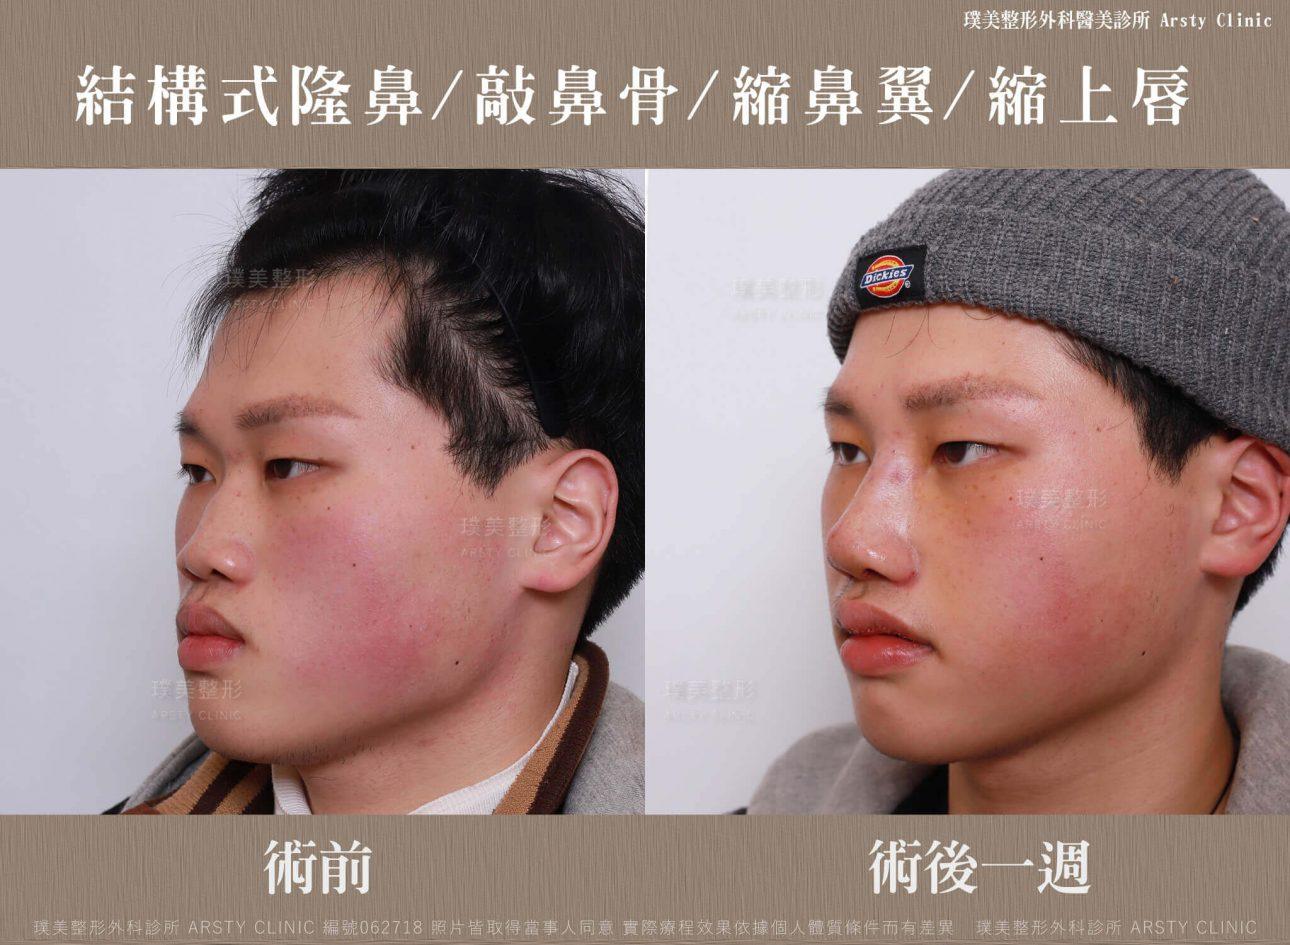 結構式隆鼻手術 縮鼻翼 敲鼻骨 縮上唇 062718 一週45度 1